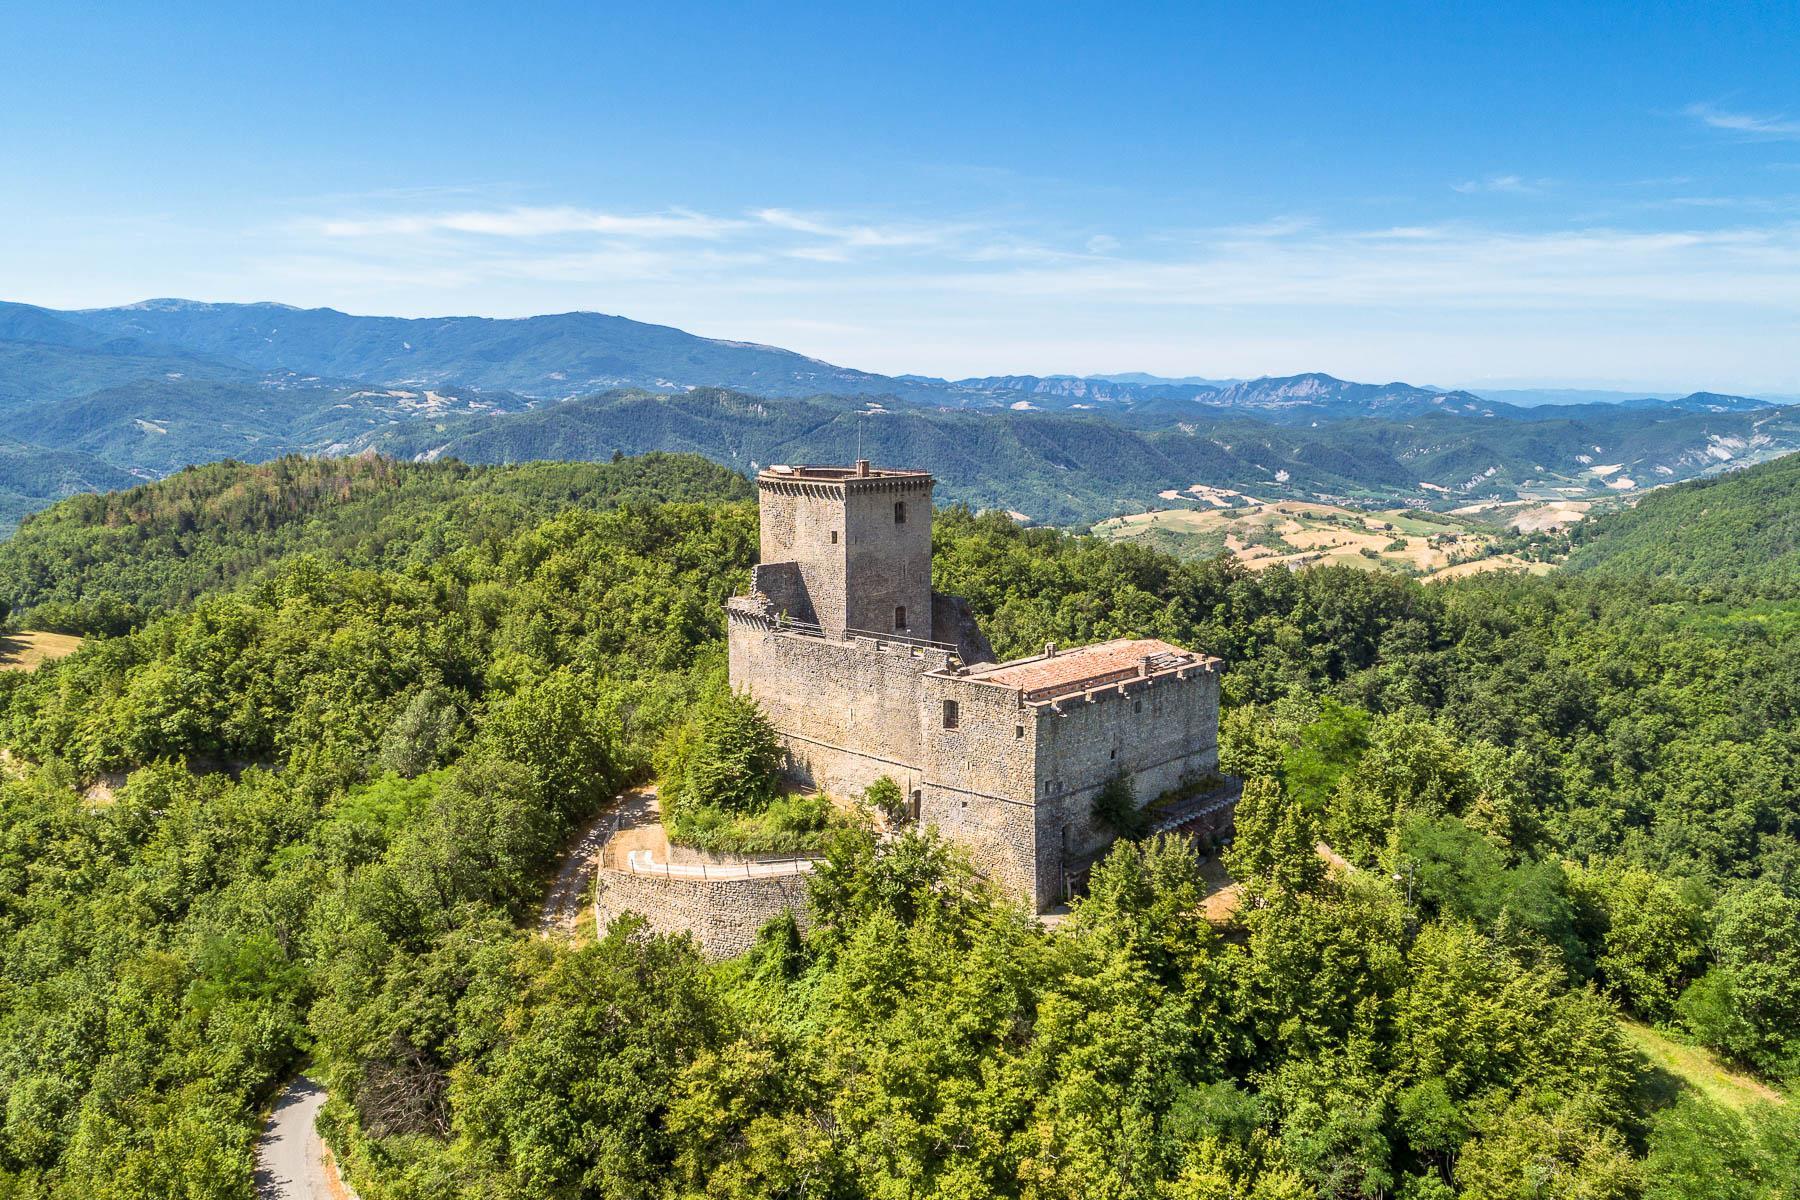 雄伟的Ormala城堡 - 4